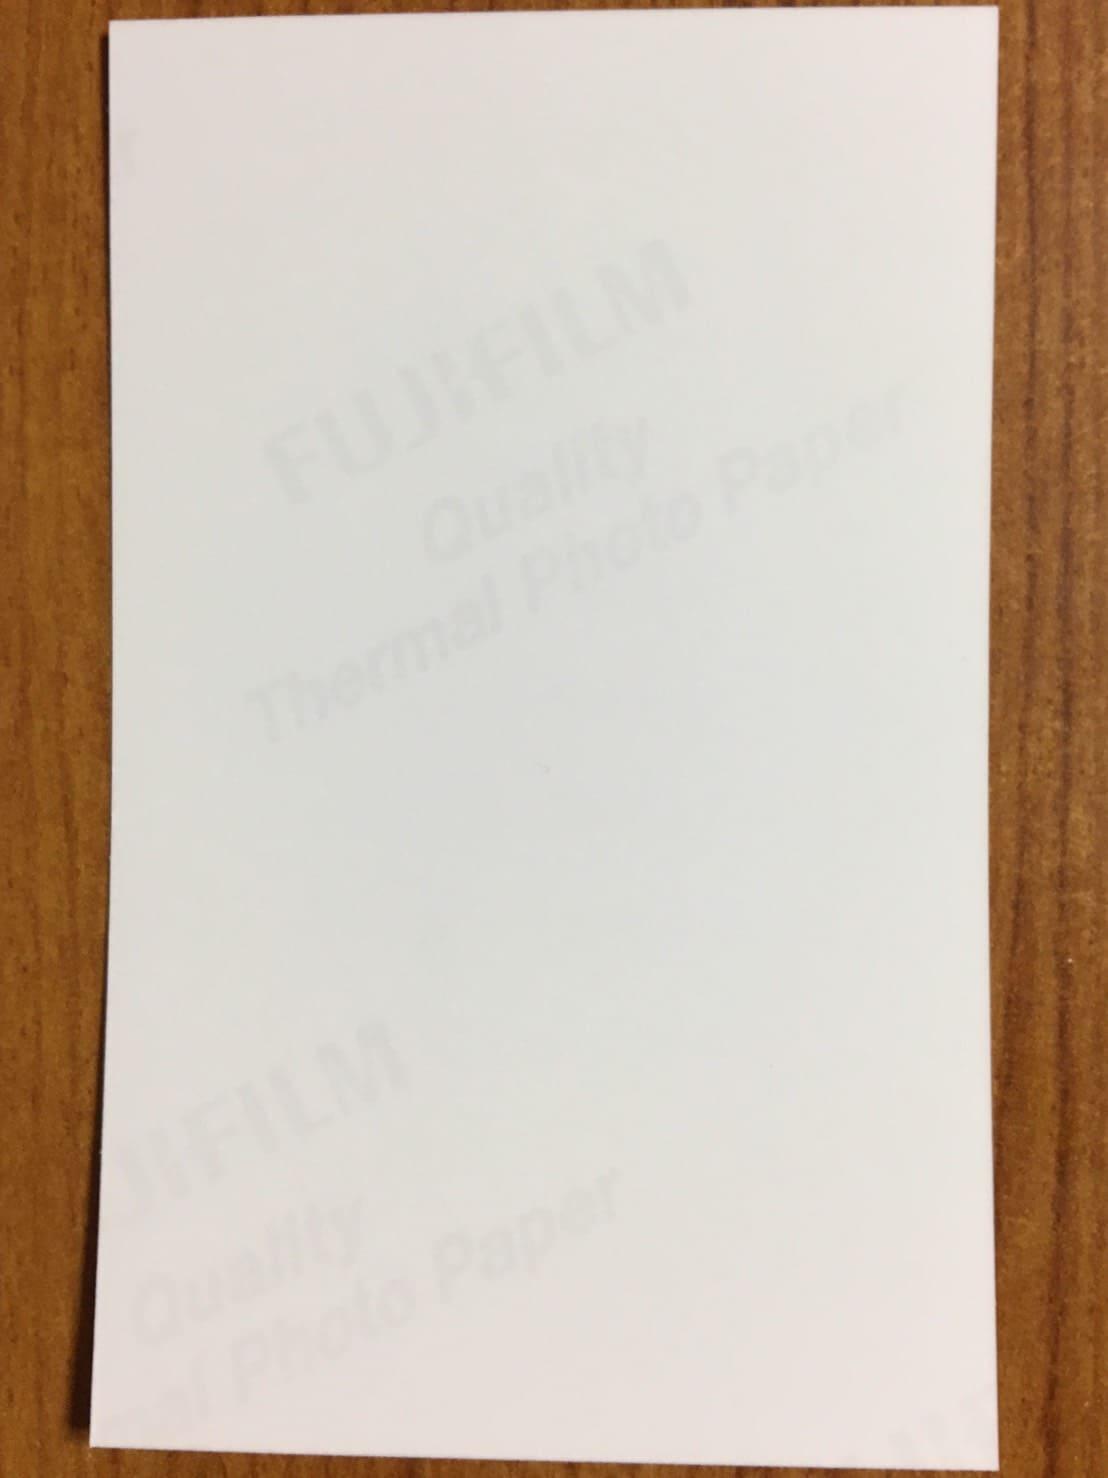 セブンイレブンで印刷した名刺裏面